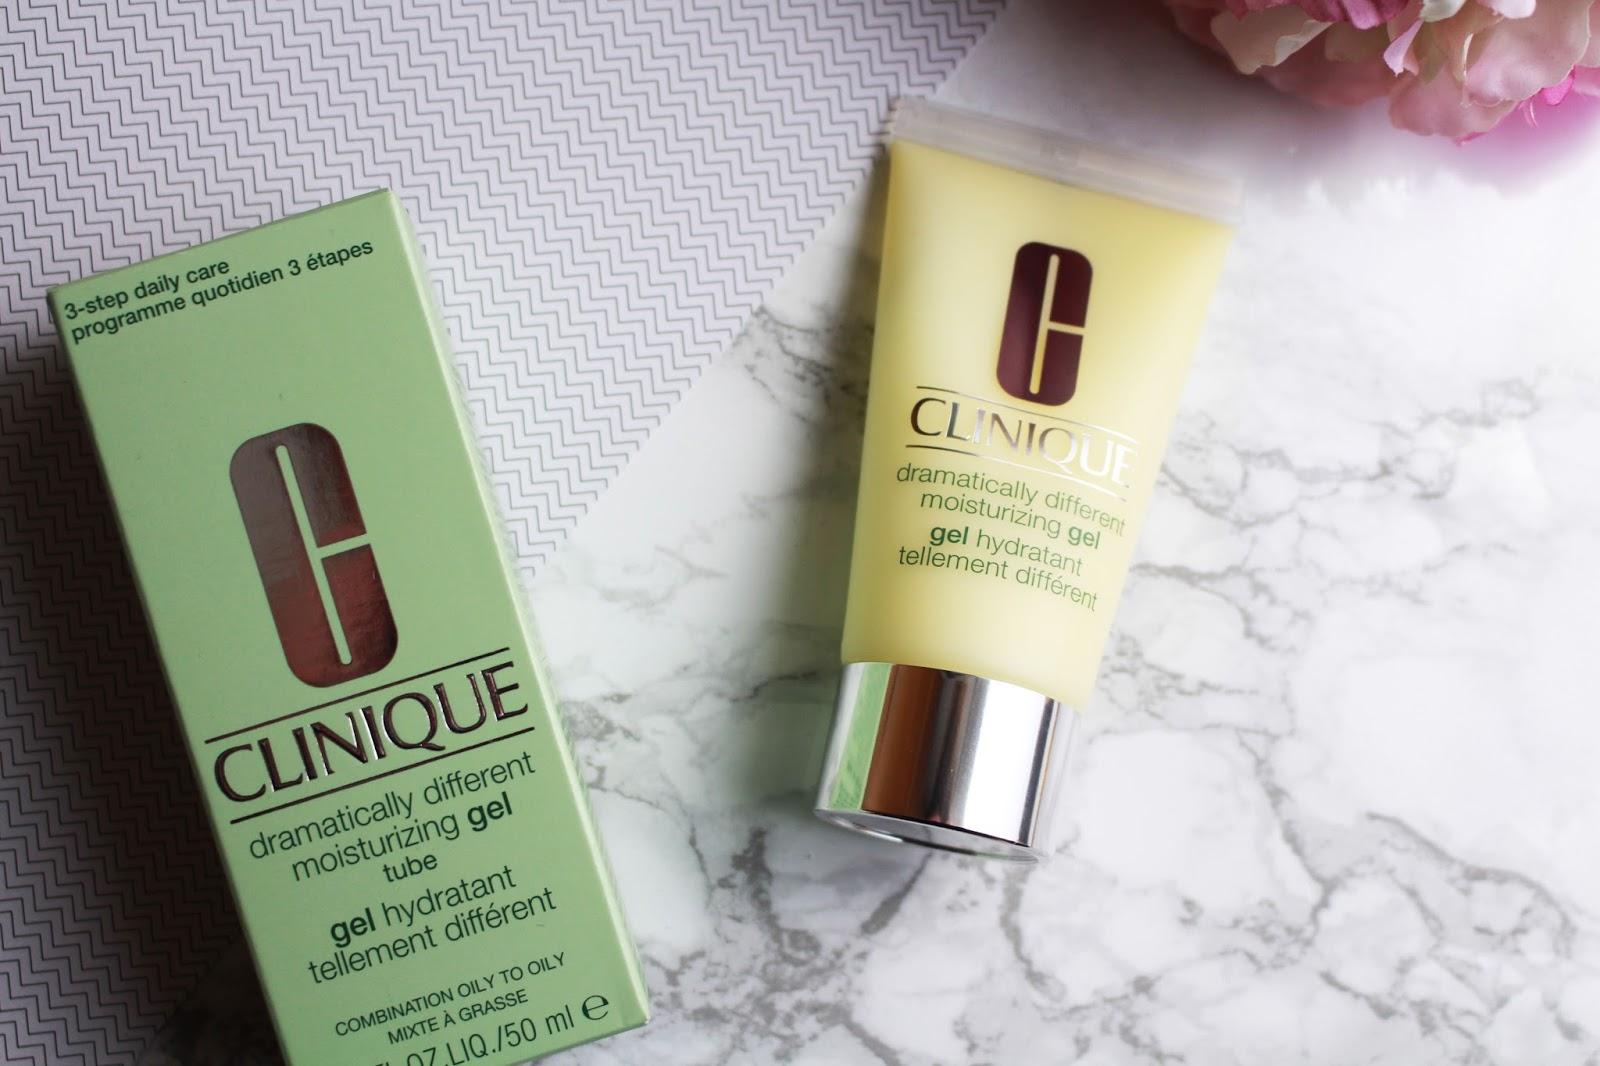 Clinique 3 Step Daily Care, Clinique DDML, Clinique Dramatic moisturiser Review, Best moisturiser